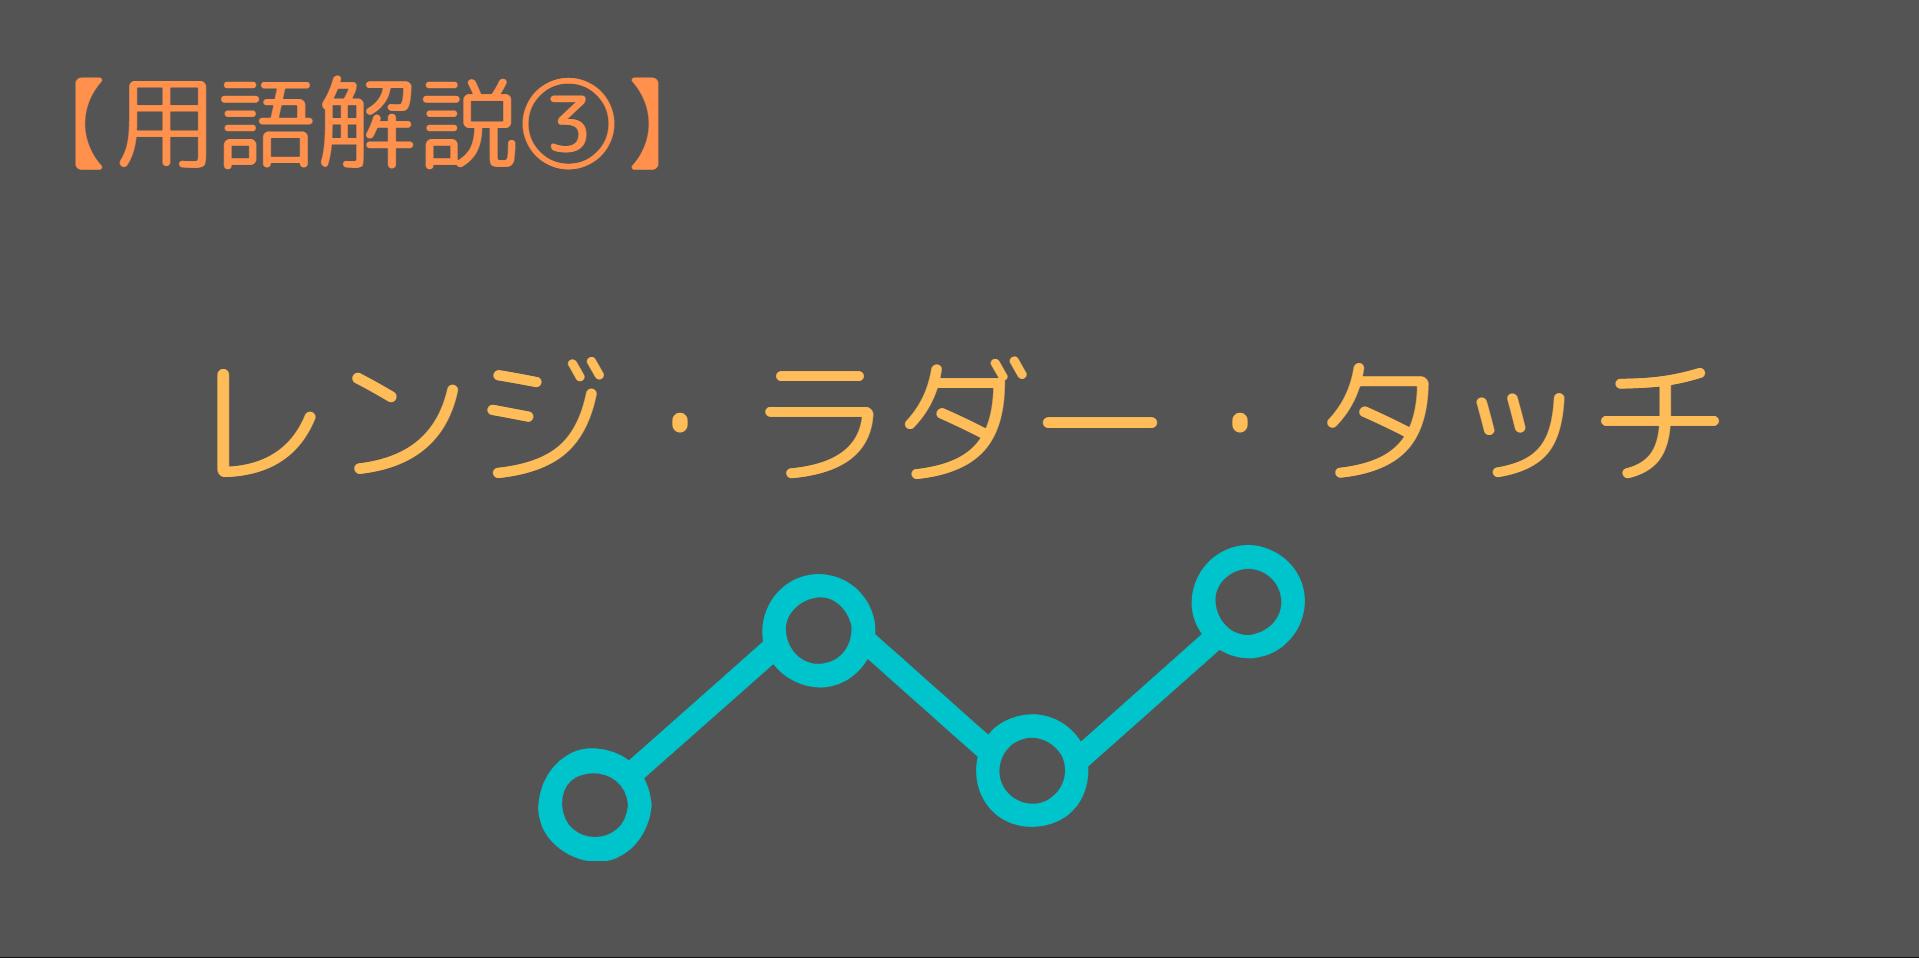 バイナリーオプション レンジ・ラダー・タッチ